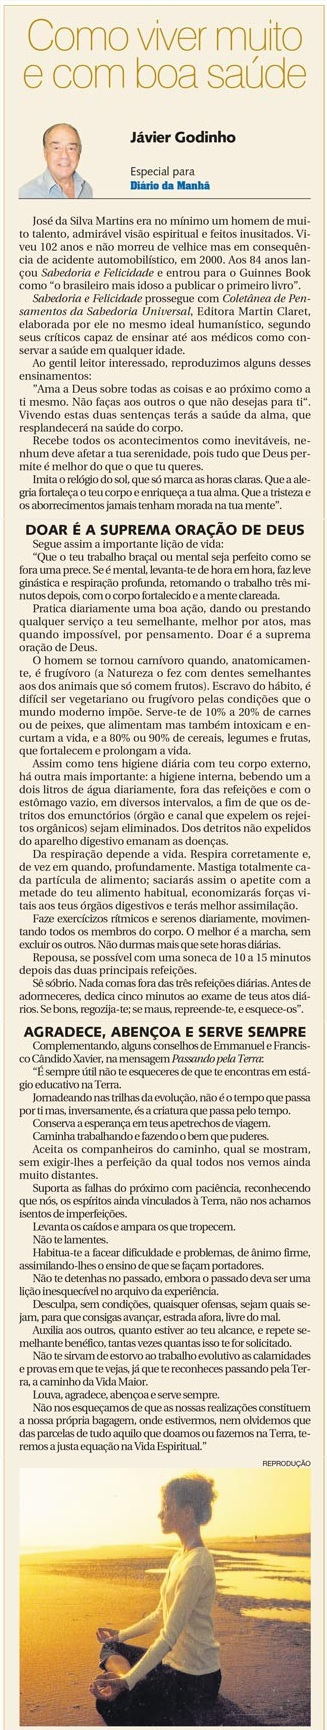 DM 17-12-2014 - Como viver muito e com boa saúde - Jávier Godinho